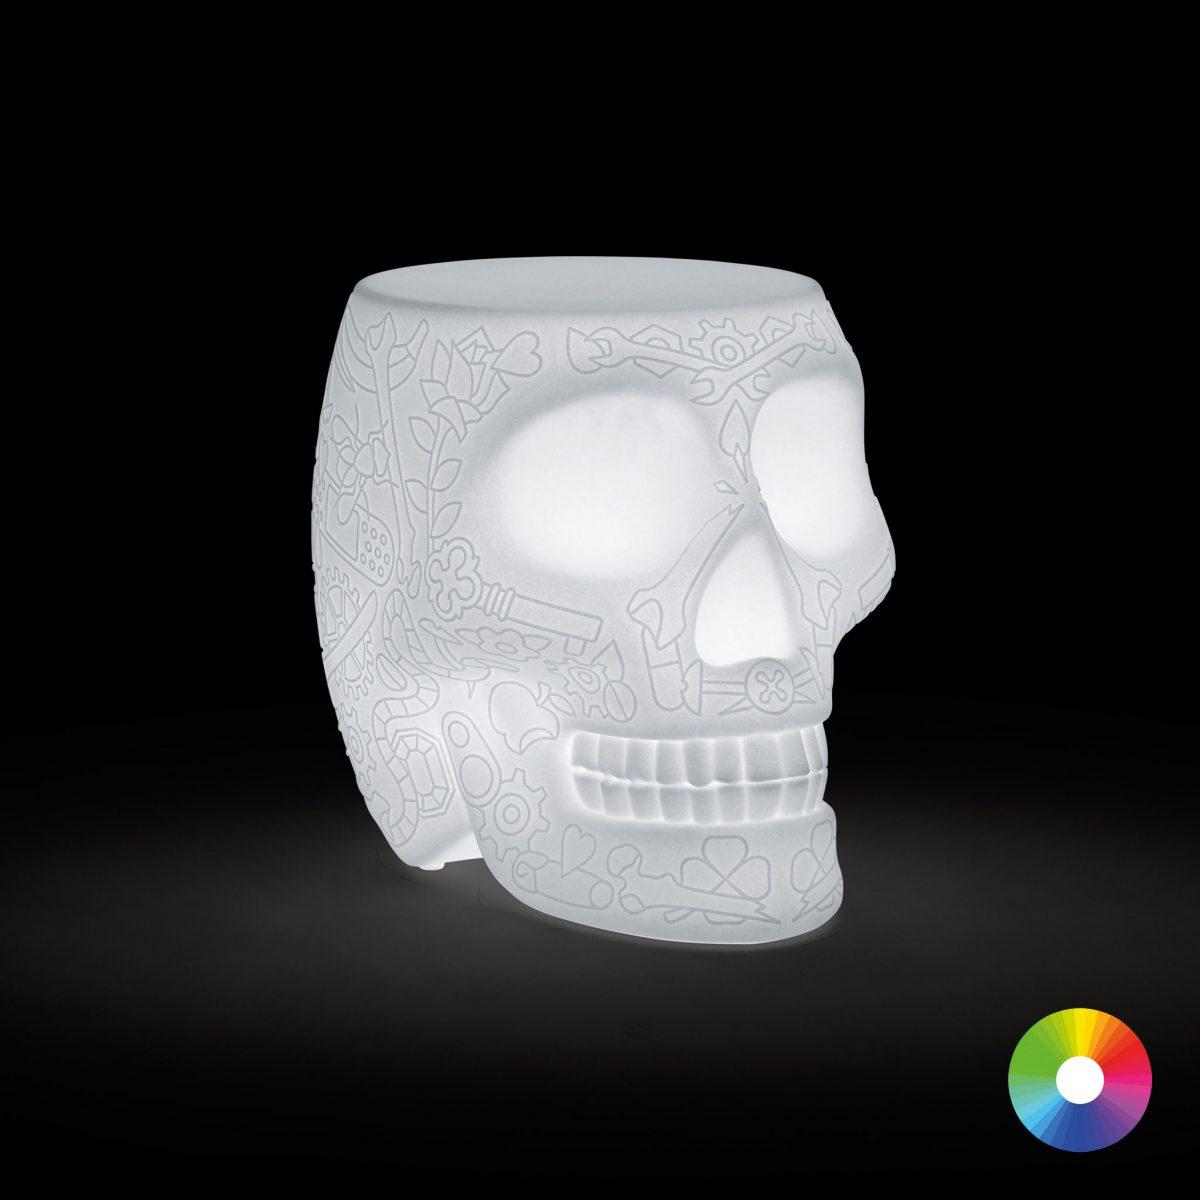 Qeeboo Oplaadbaar Mexico Stoel Bijzettafel Dutch Design Studio Job LED Verlichting